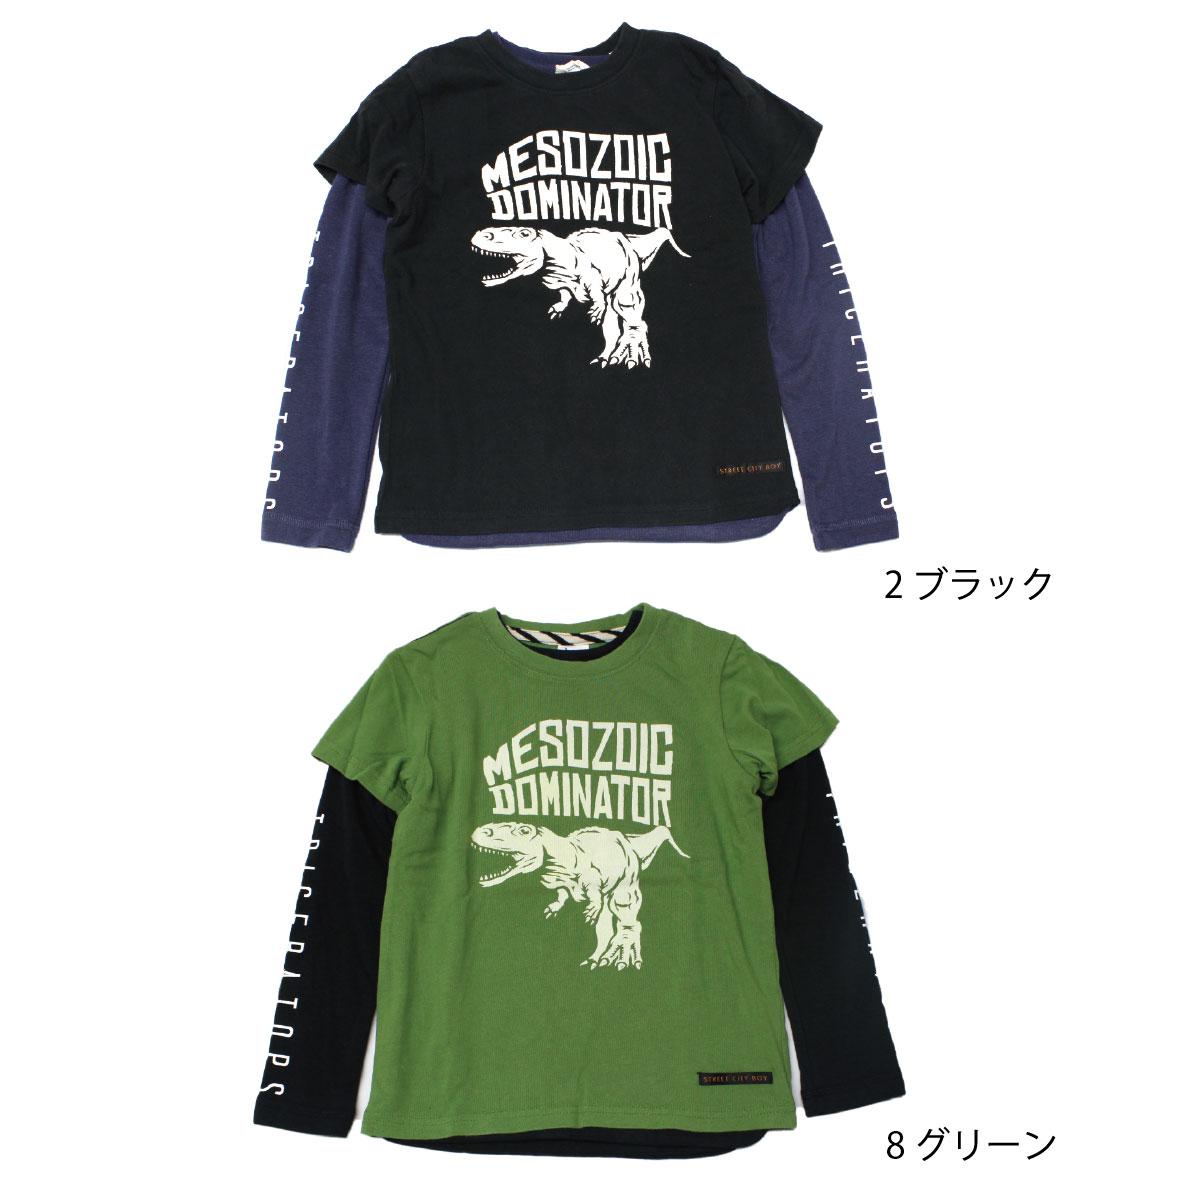 【セール】【50%off】【ネコポス対応】【SiShuNon/FARM】サバイバル!Tシャツセット ファーム キッズ 男の子 Tシャツ セット 恐竜